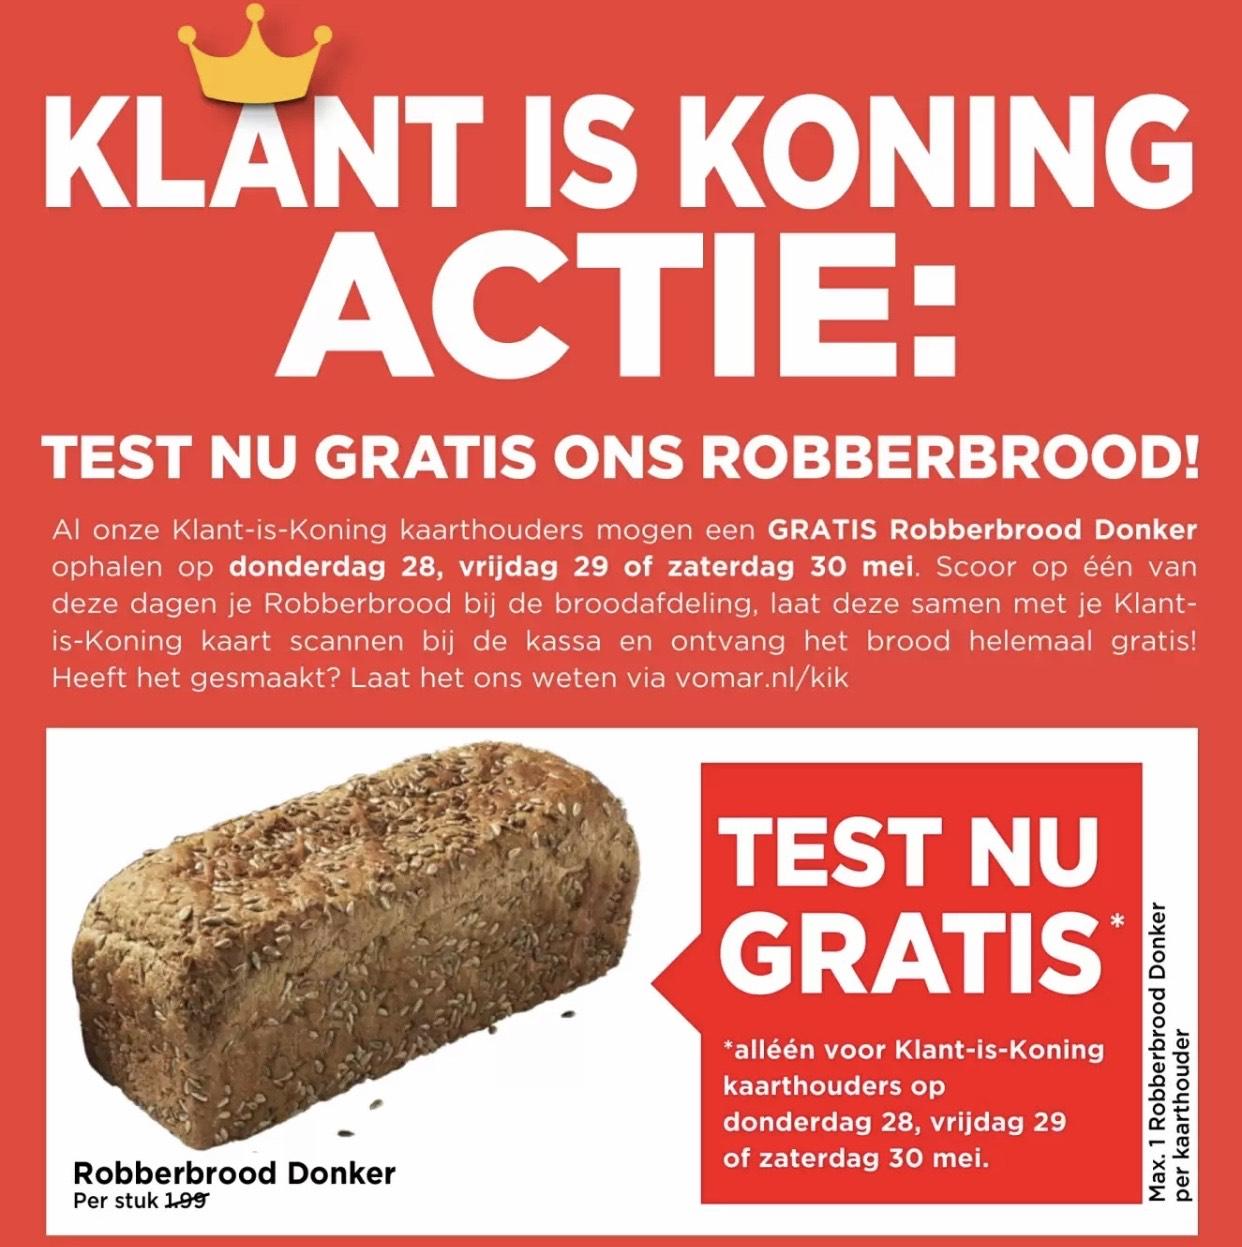 [LOKAAL] Probeer gratis een Robberbrood met je klantenkaart @Vomar